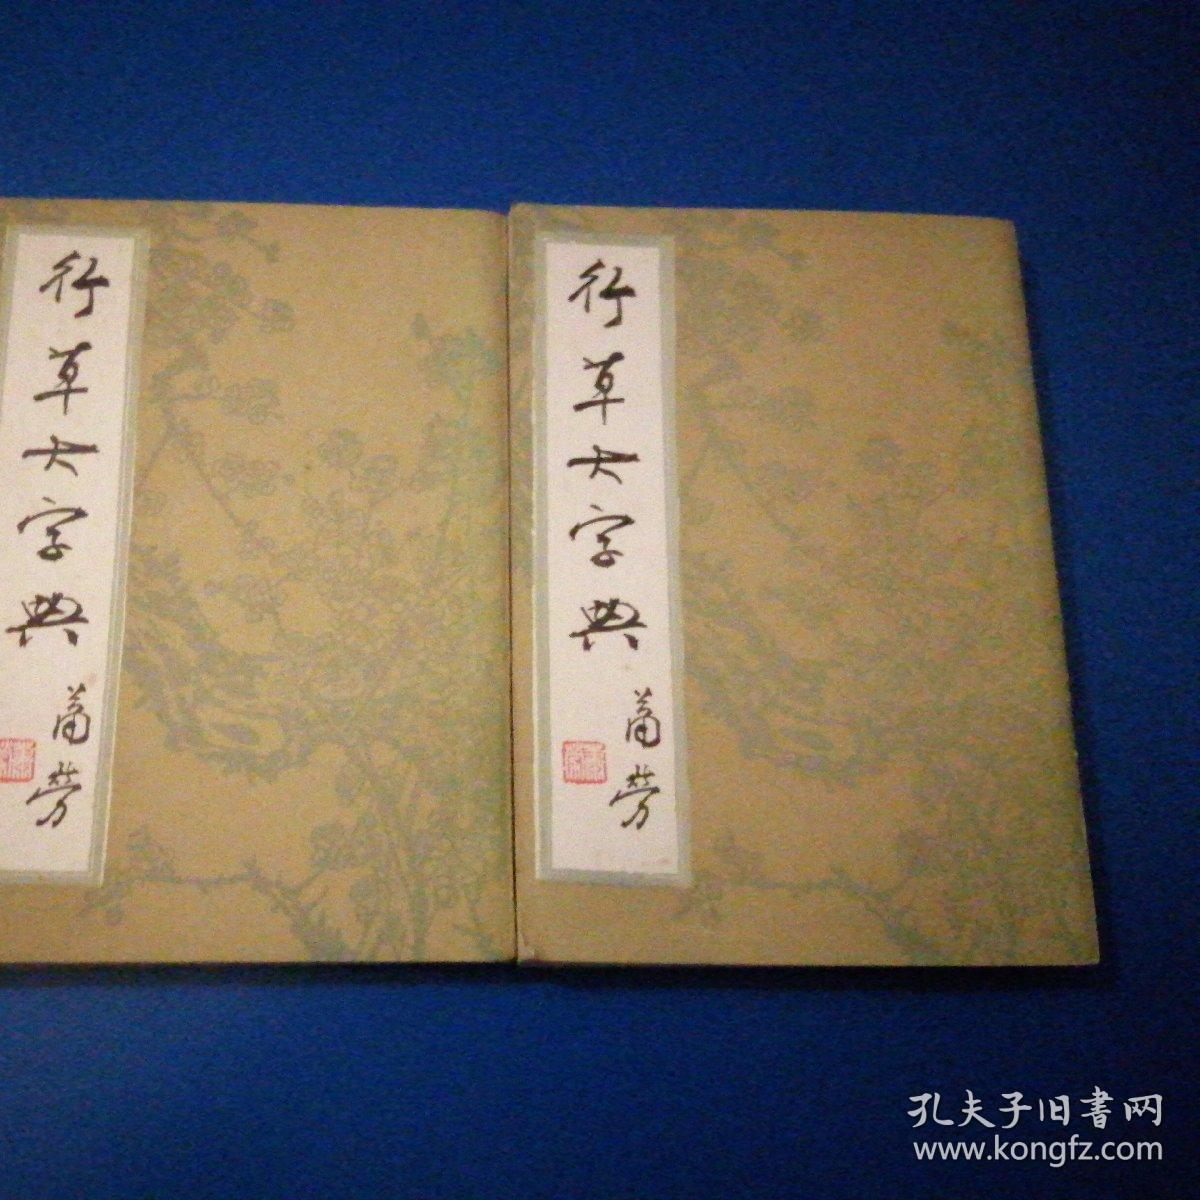 行草大字典(上下两本)